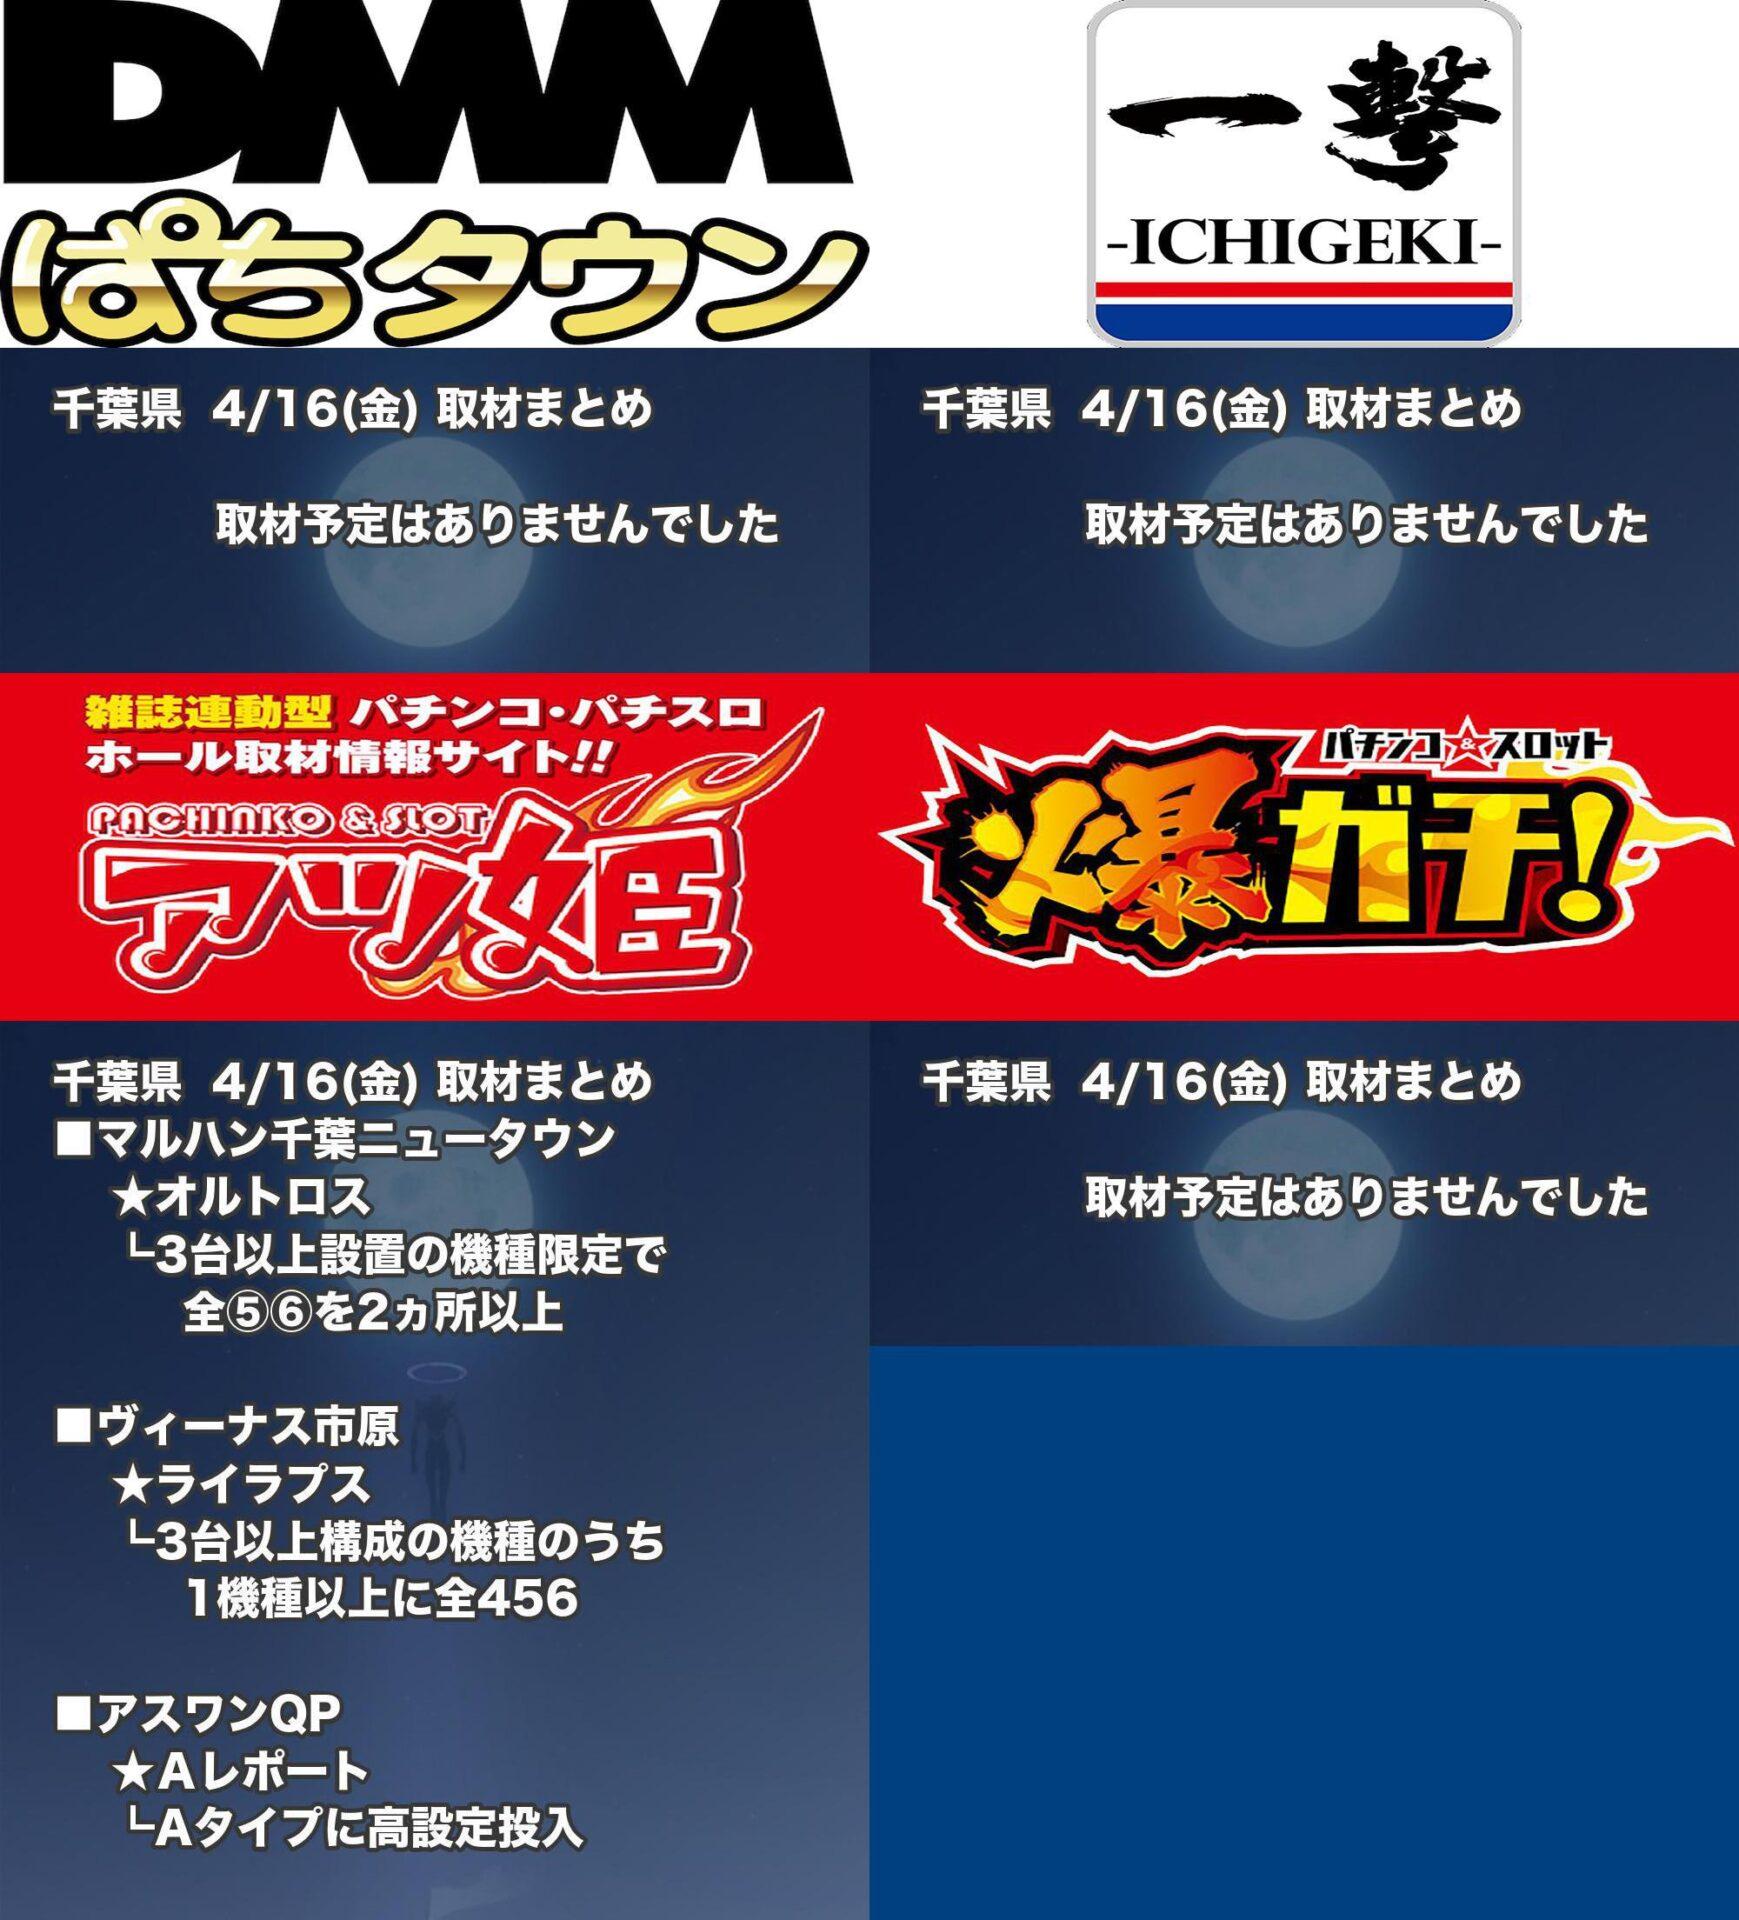 千葉県_2021-04-16_パチンコ・パチスロ